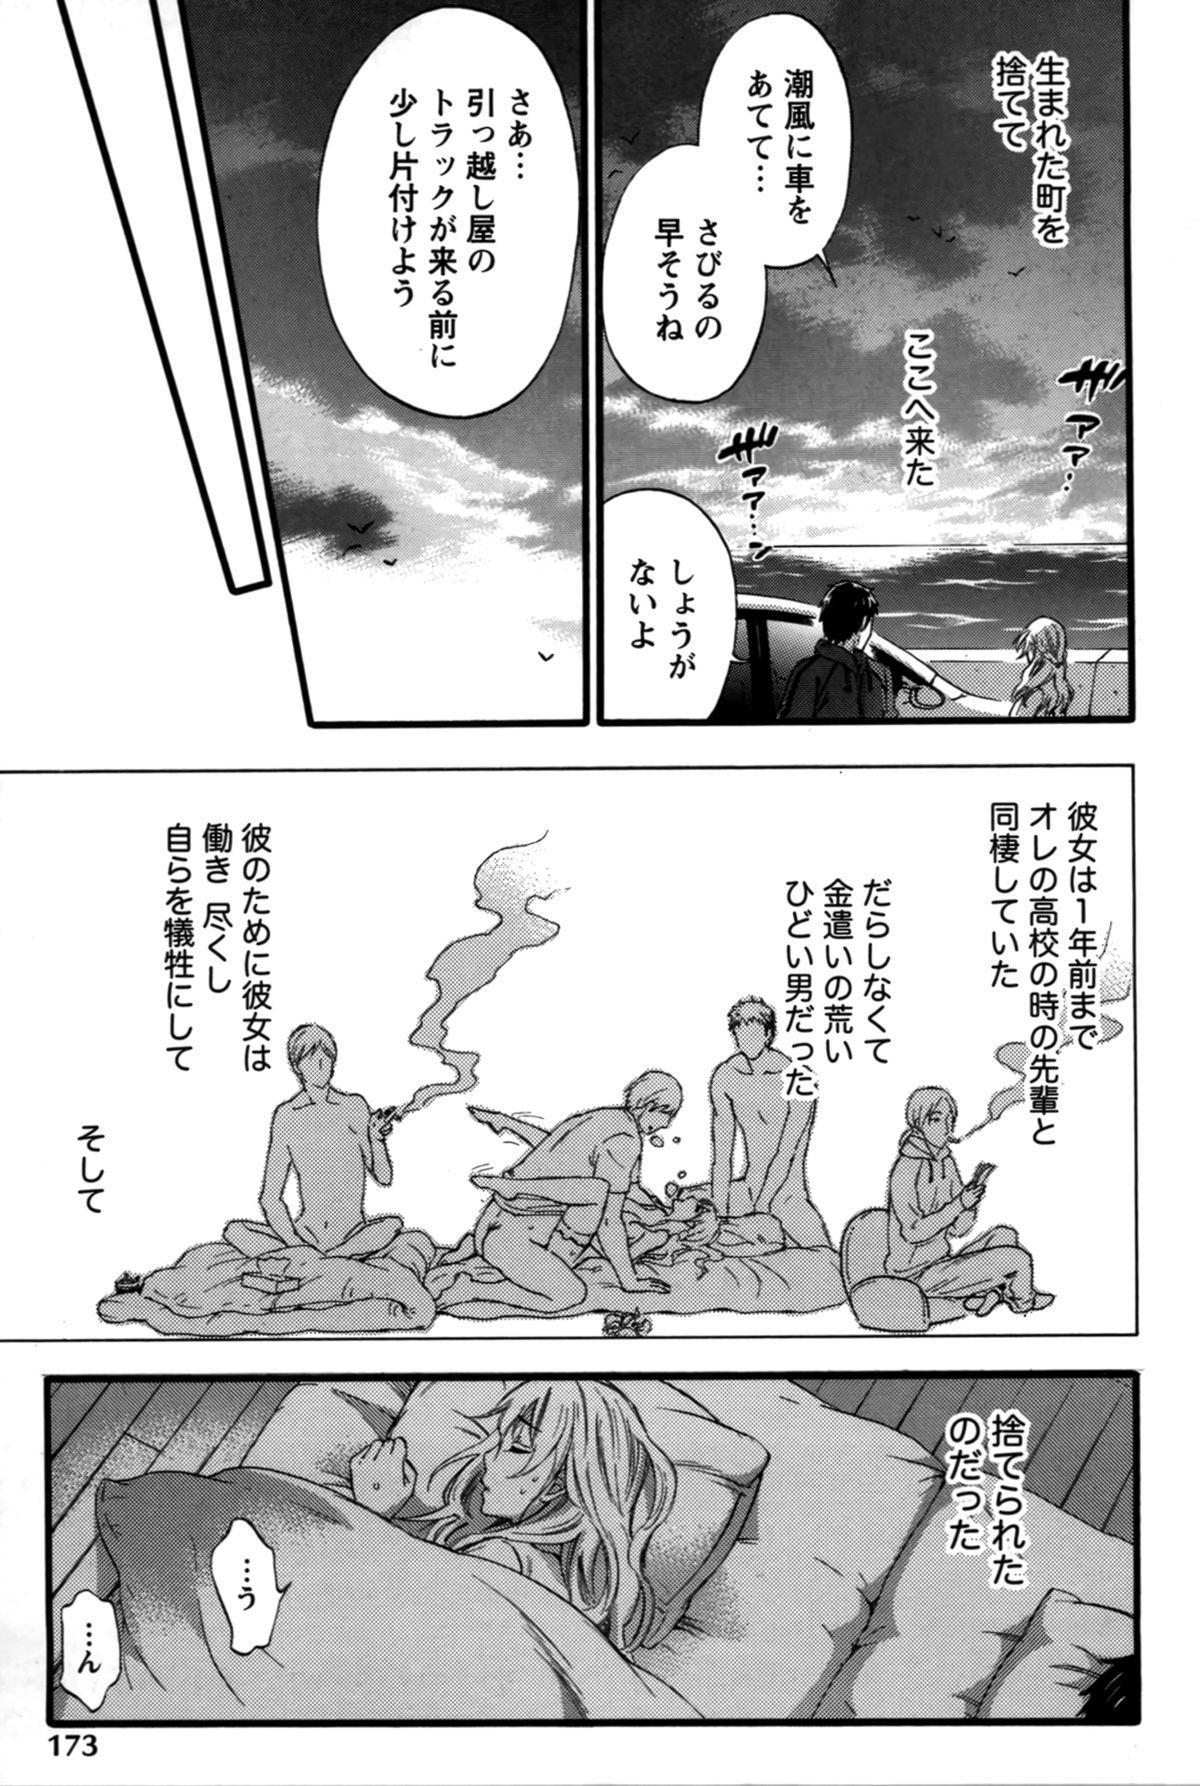 Anata to Watashi wa Warukunai 175